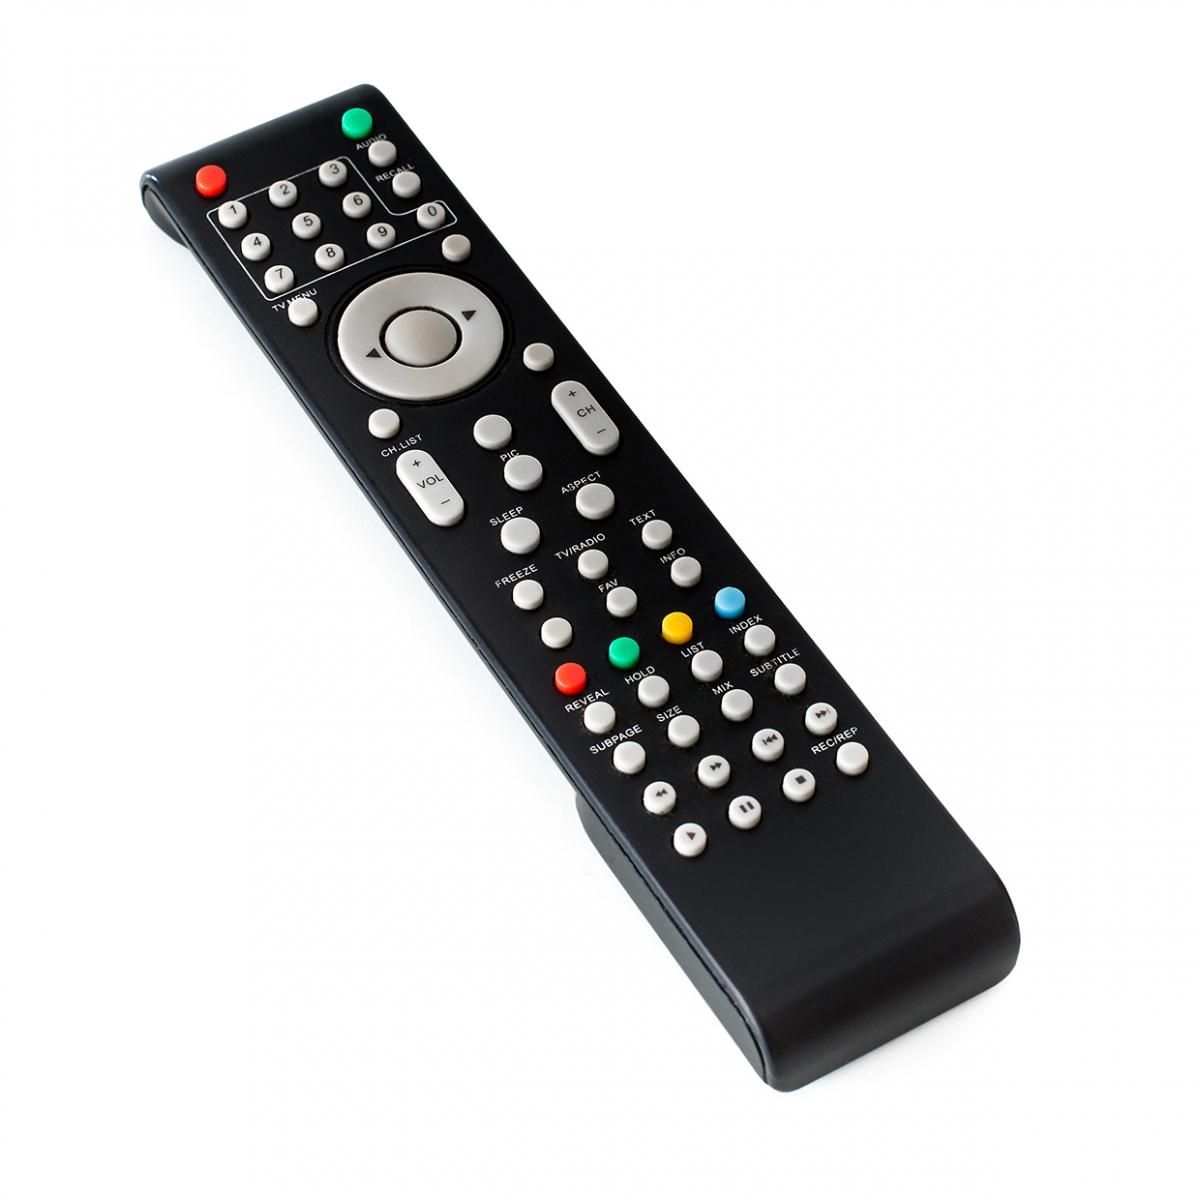 Imagen en la que se ve un mando de un televisor